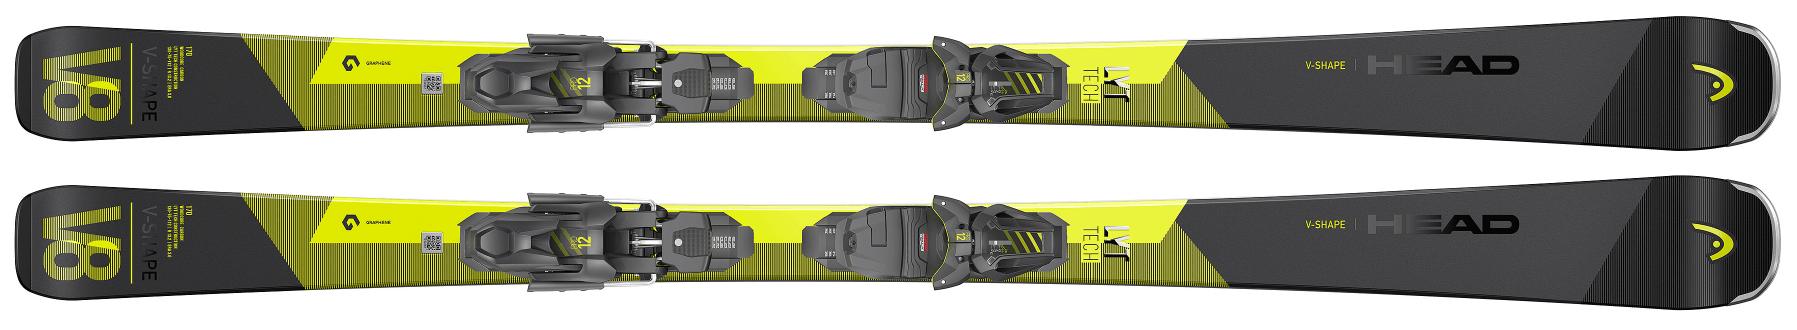 narty head v-shape v8 2021